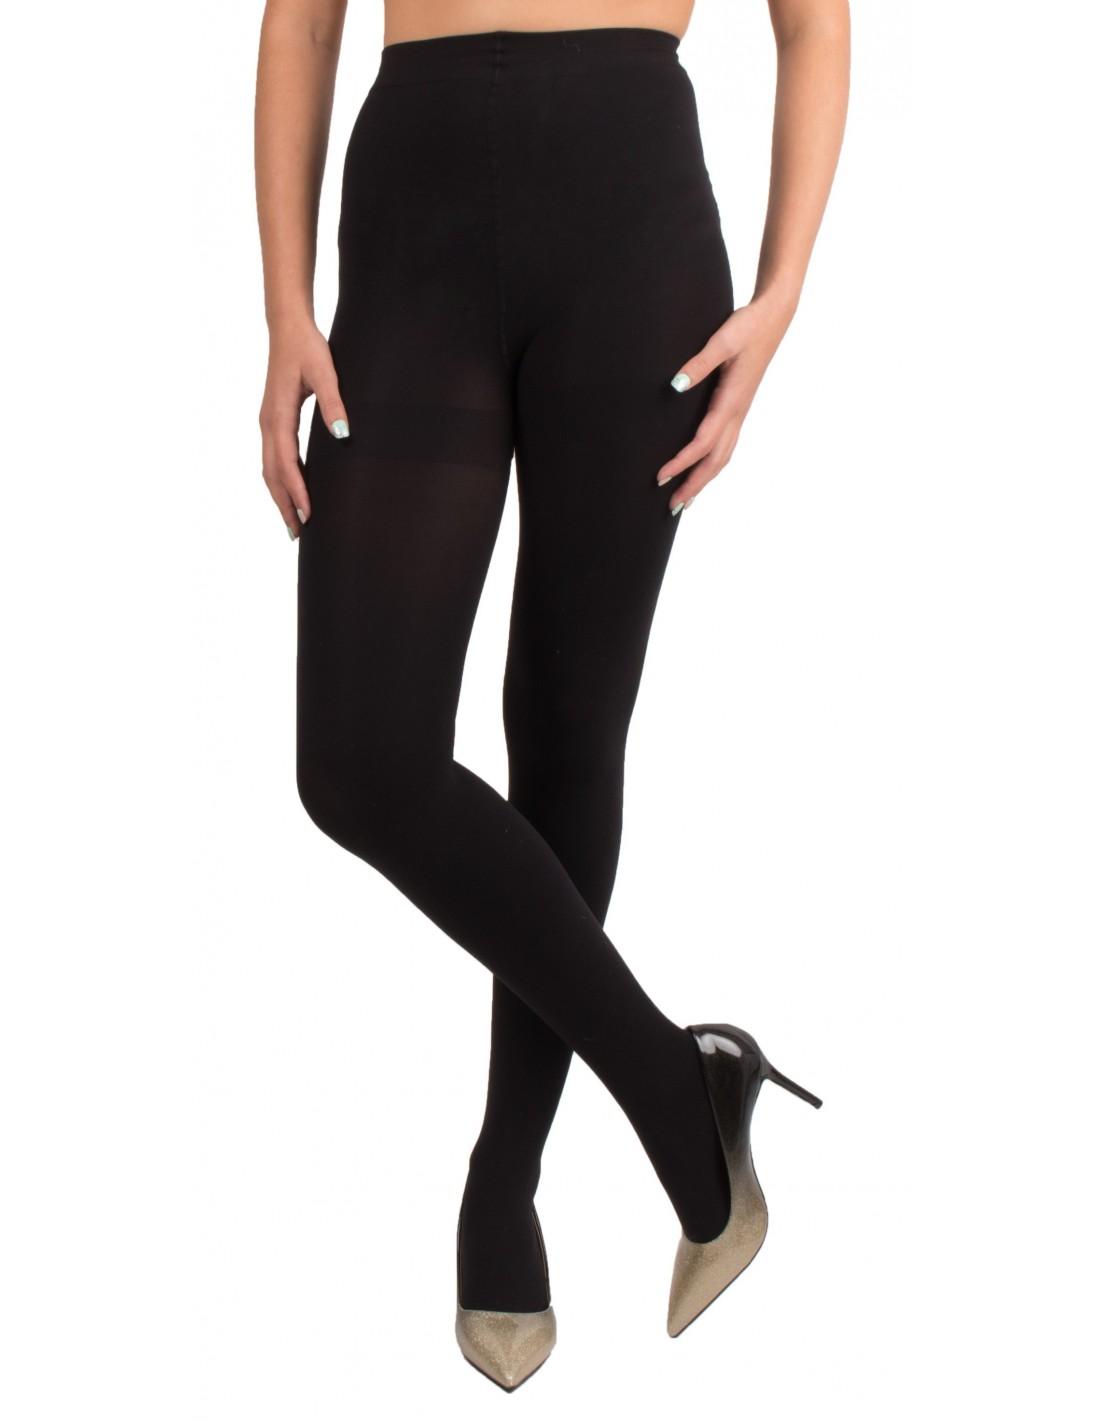 collant opaque noir femme 80 deniers culotte confortable. Black Bedroom Furniture Sets. Home Design Ideas